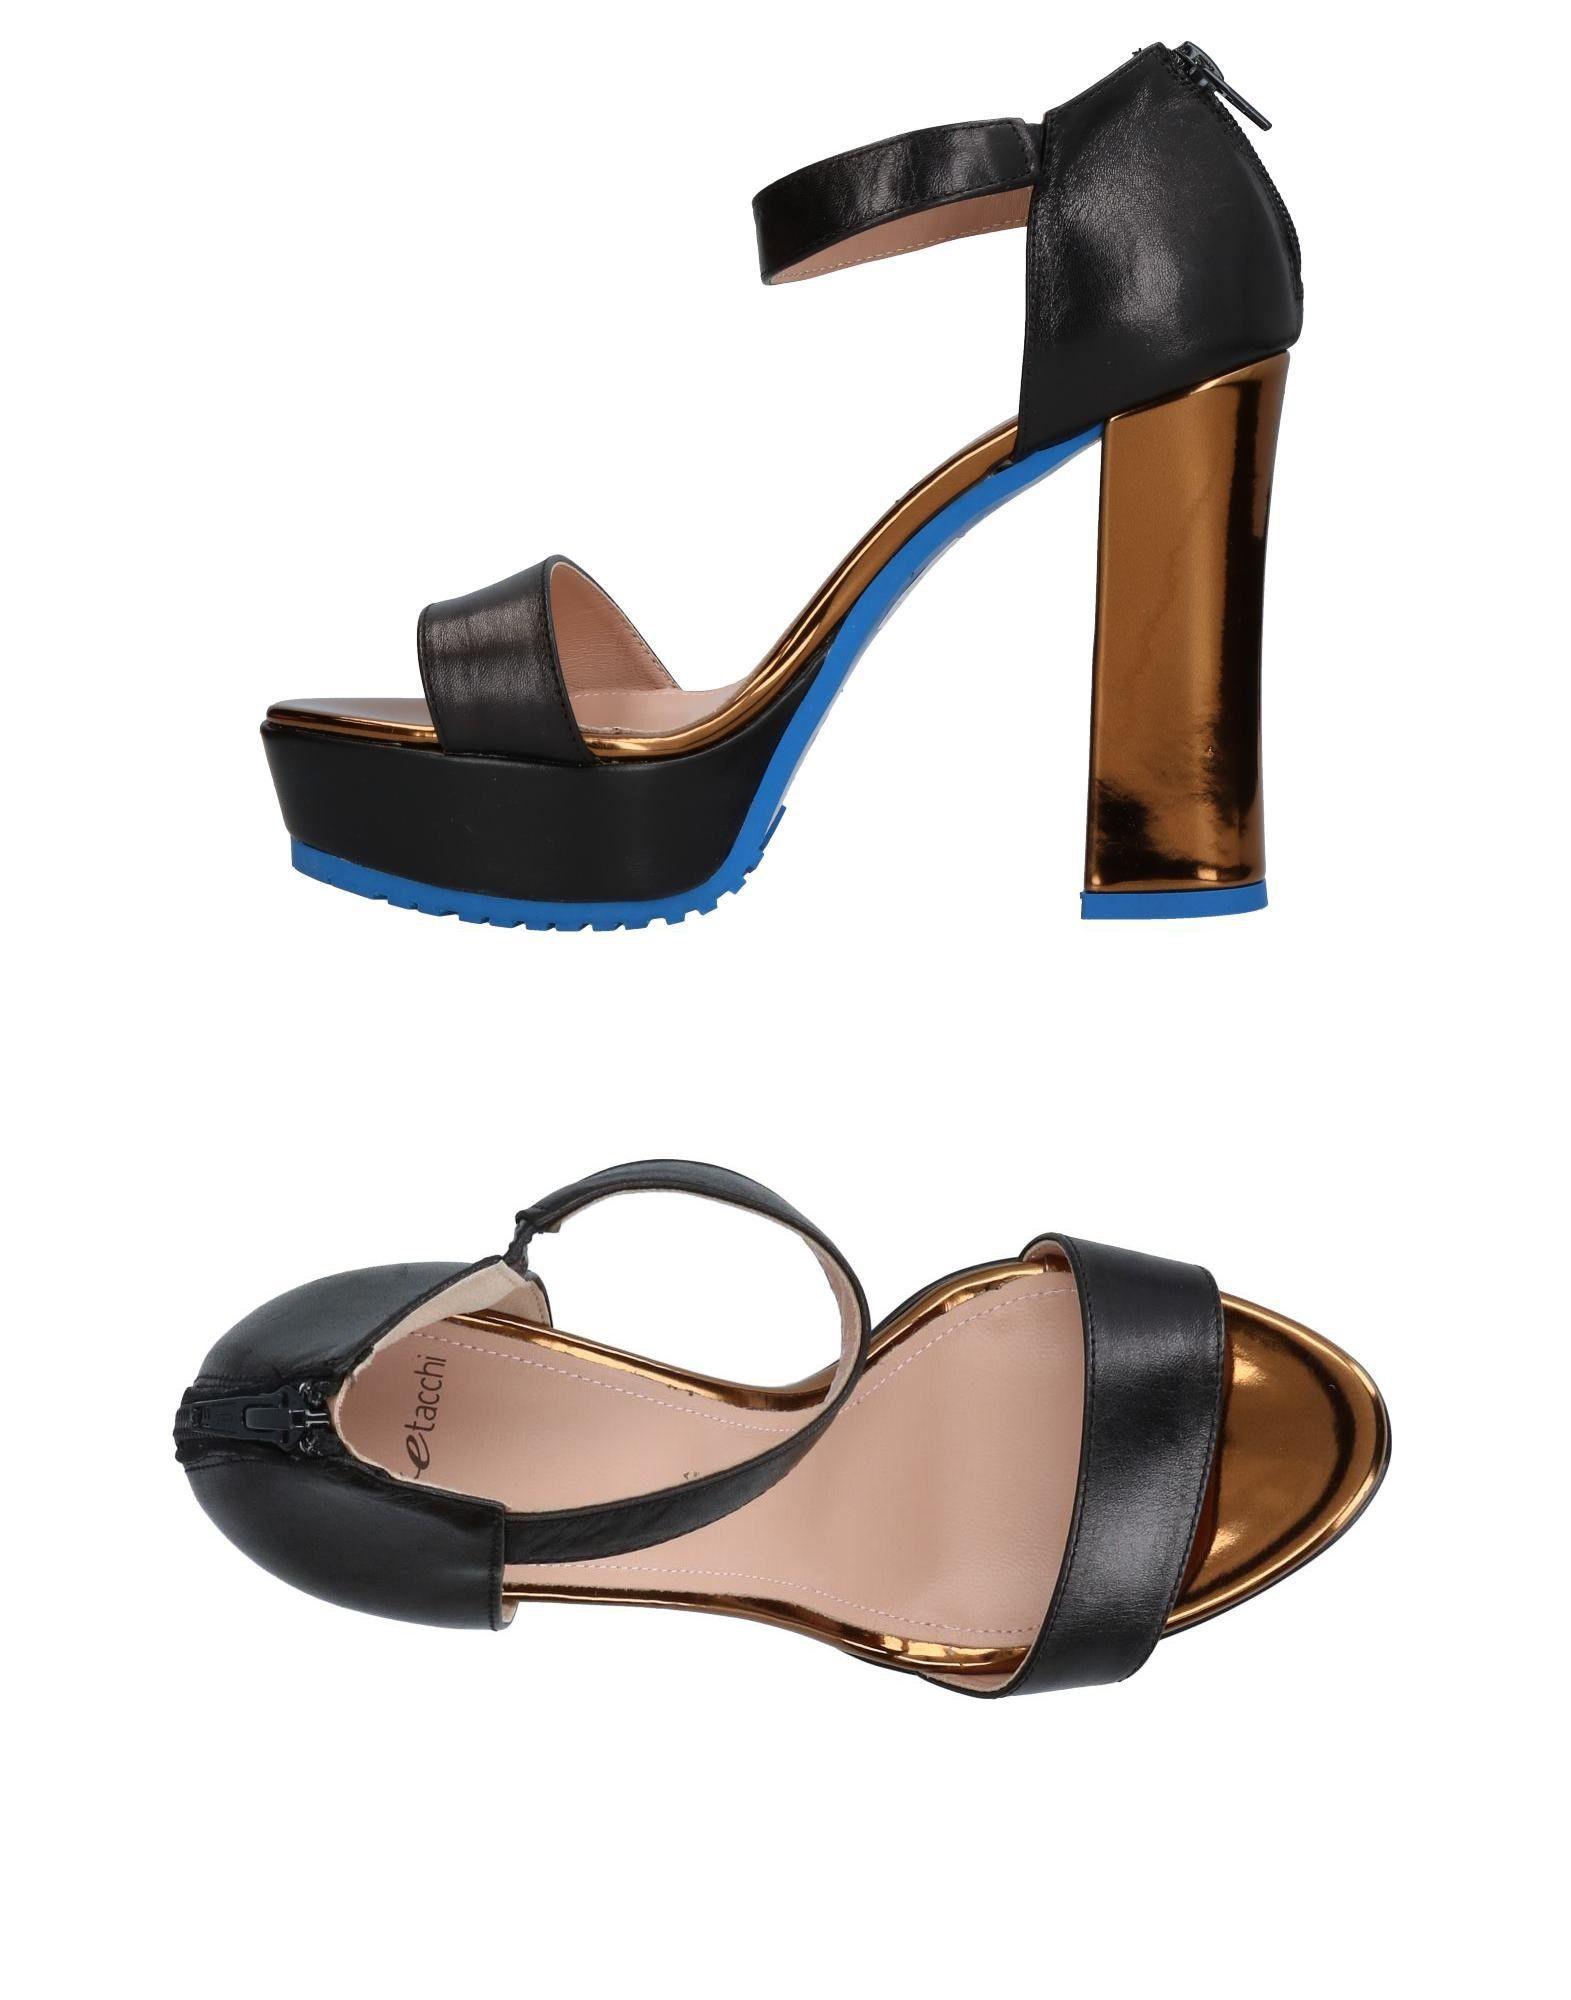 TIPE E TACCHI Sandales femme. Vans Atwood Low DX  Noir (Menswear) Pantofola d'Oro 10163045  Baskets Basses Femme TIPE E TACCHI Sandales femme. i0DPkbqW